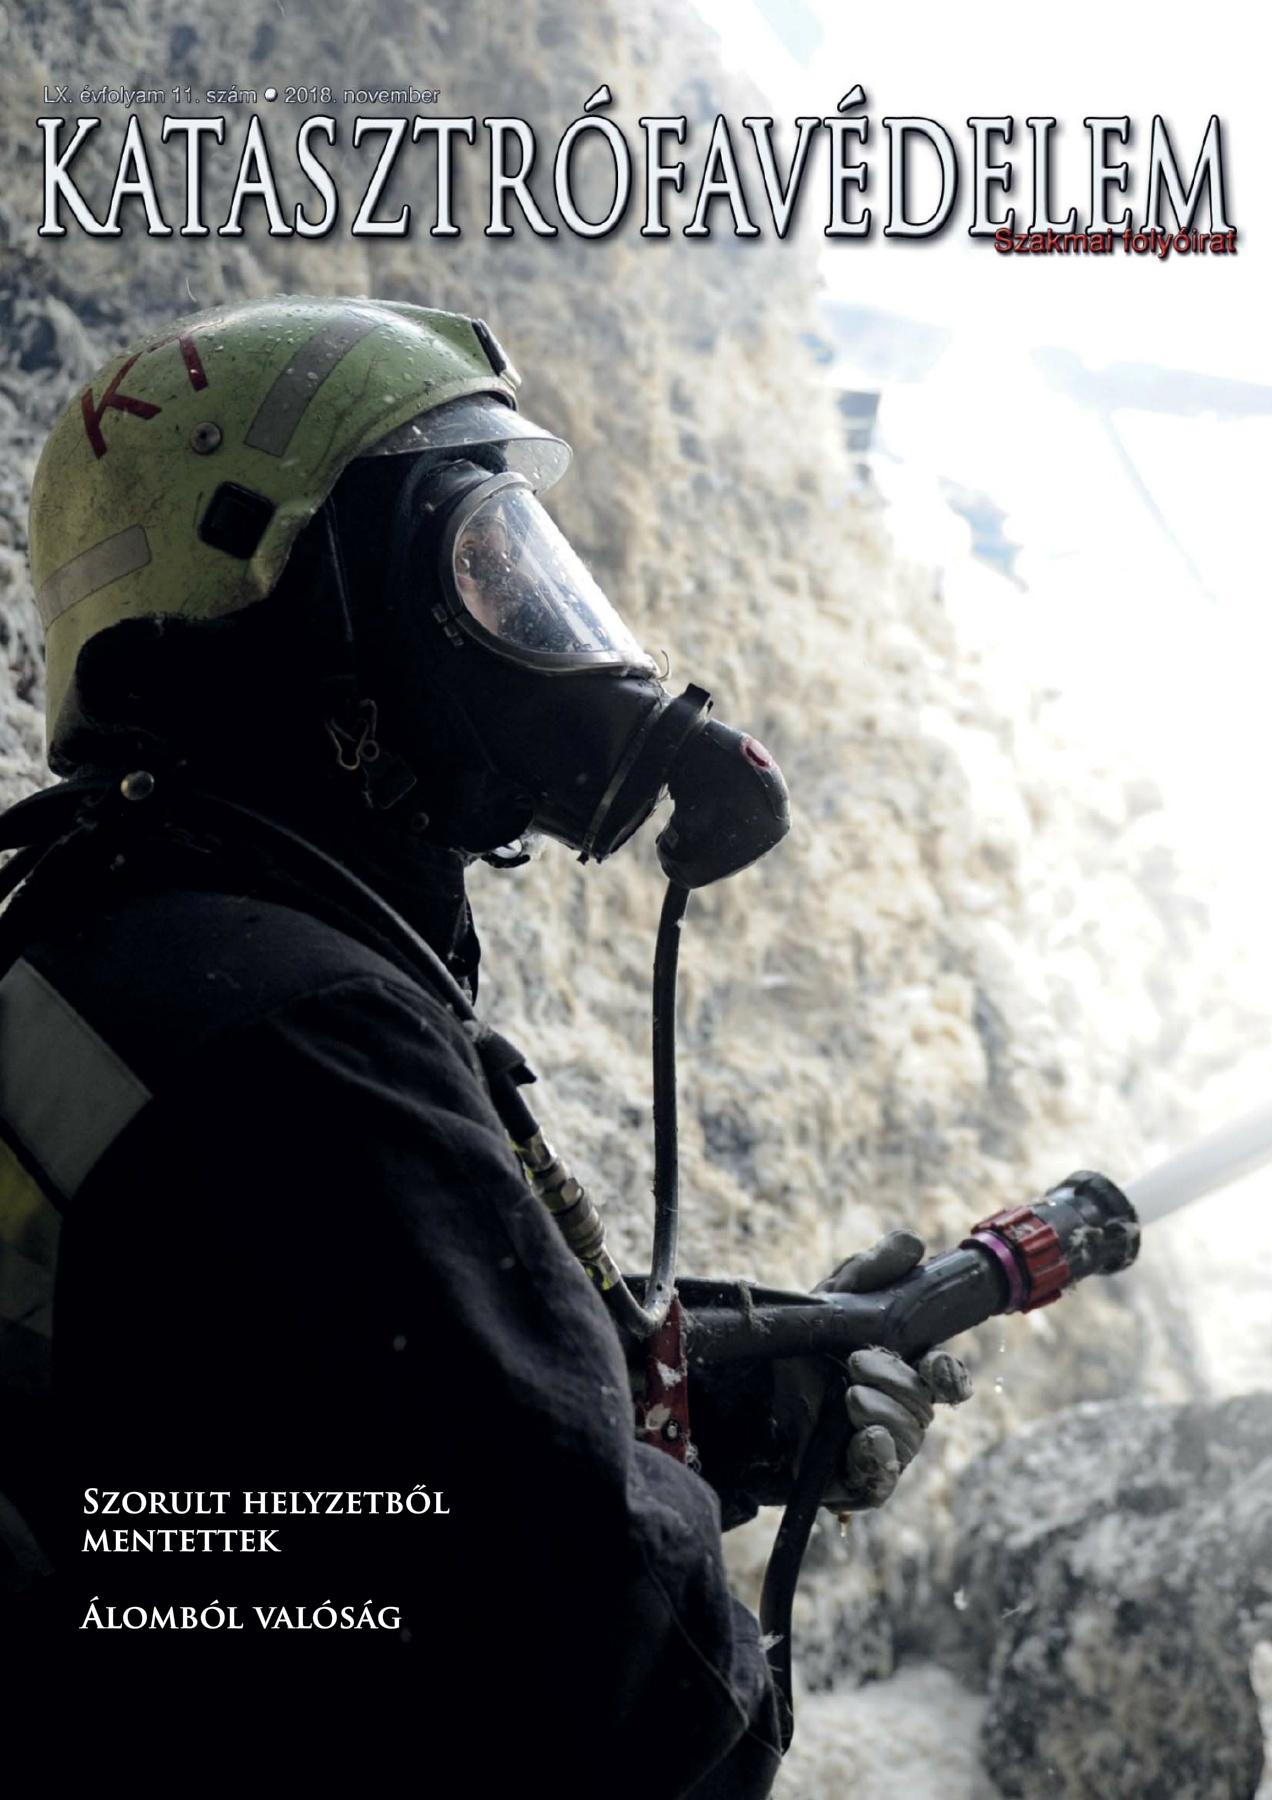 A Katasztrófavédelem magazin LX. évfolyam 11. szám megtekintése